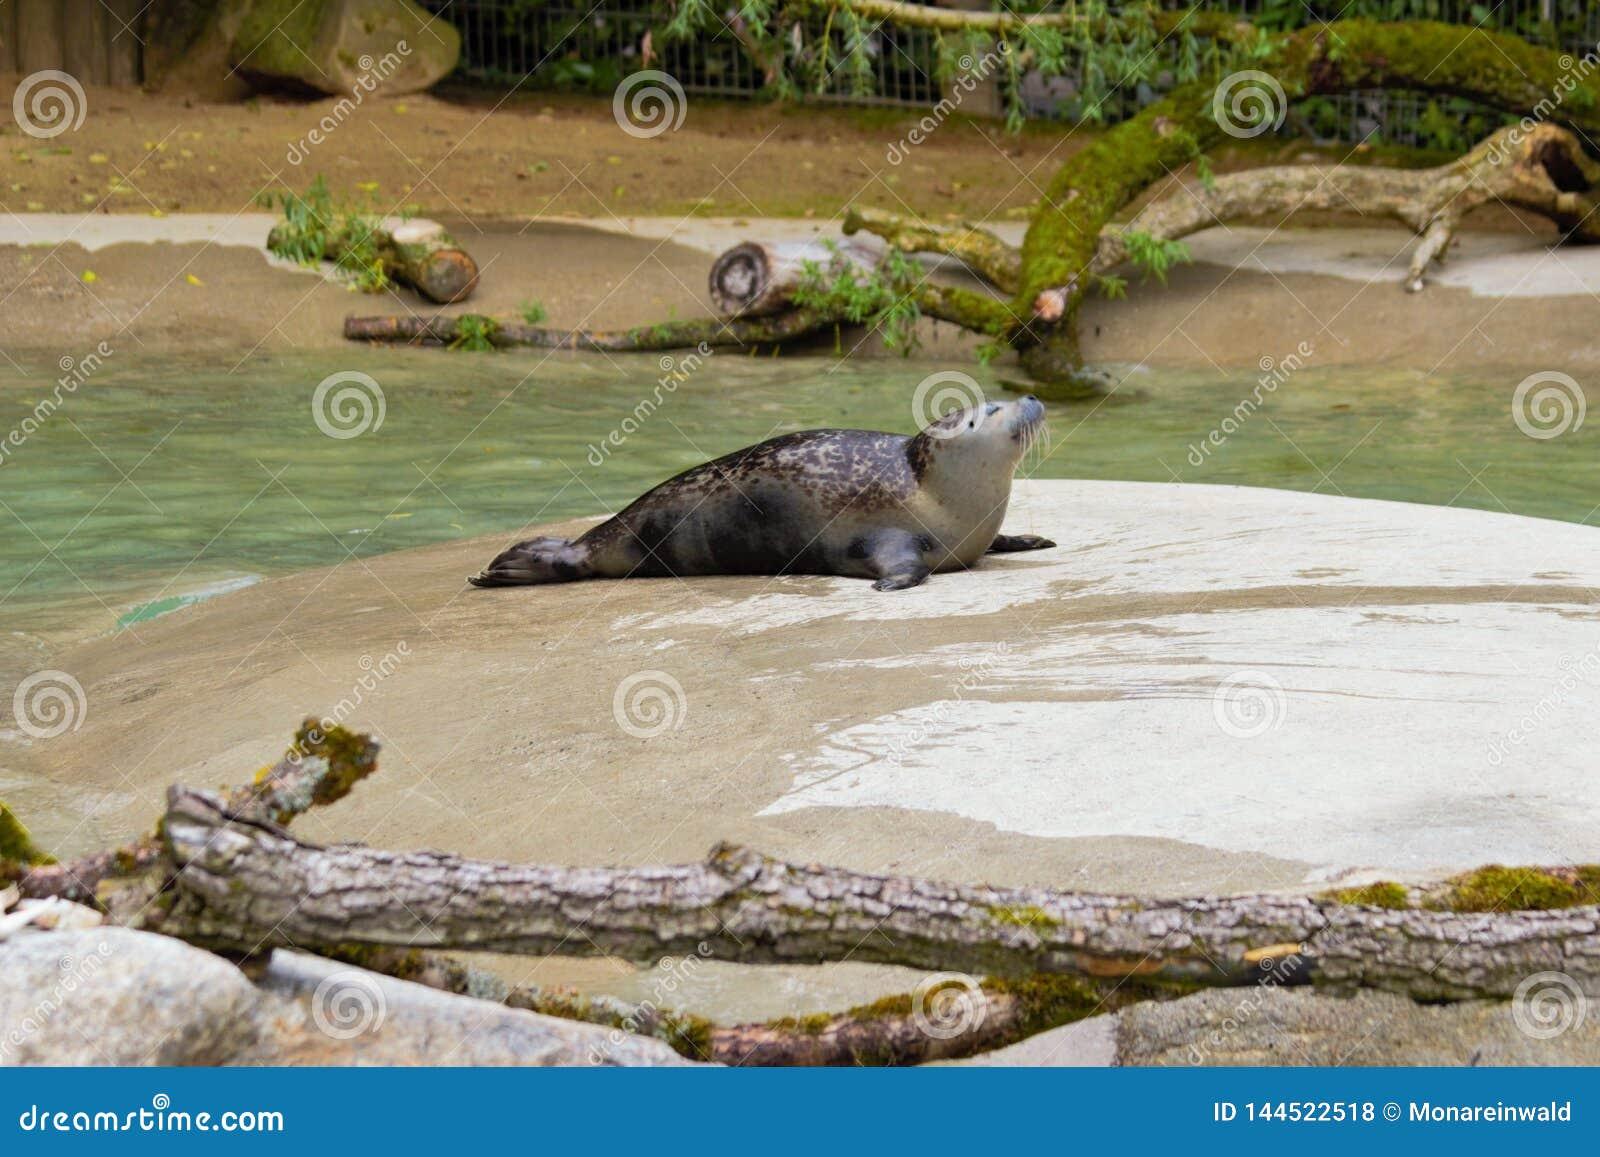 Seal sunbath in zoo in Augsburg in germany